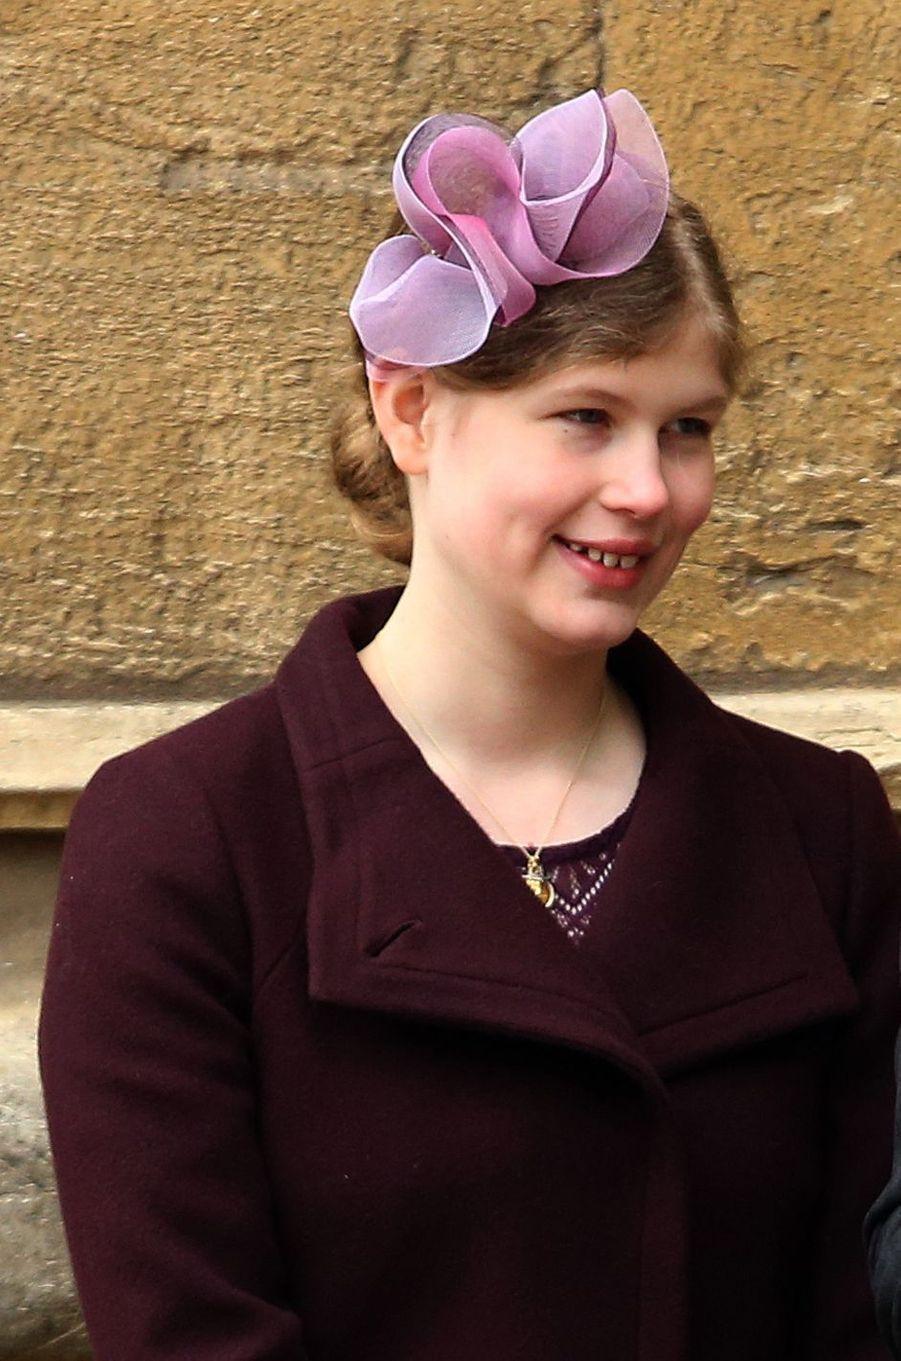 Lady Louise Windsor à Windsor, le 1er avril 2018